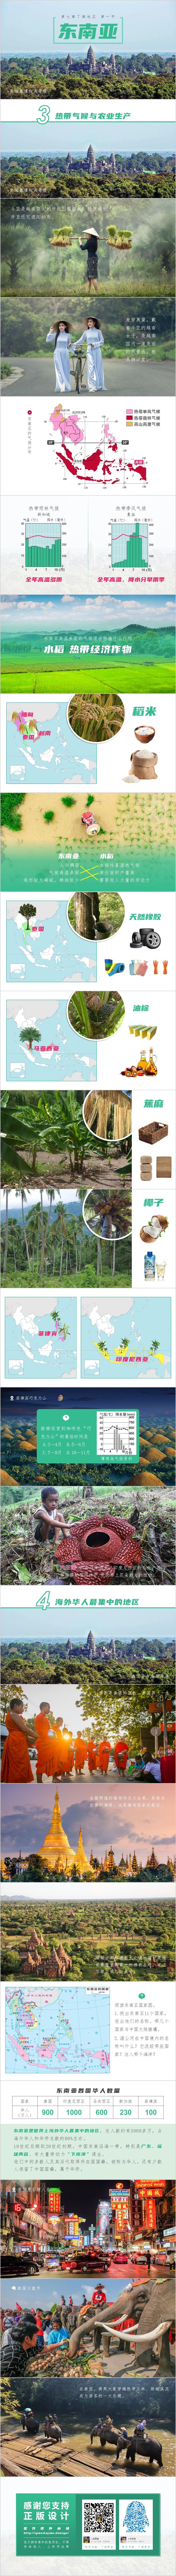 7.2 东南亚(2)长图.jpg